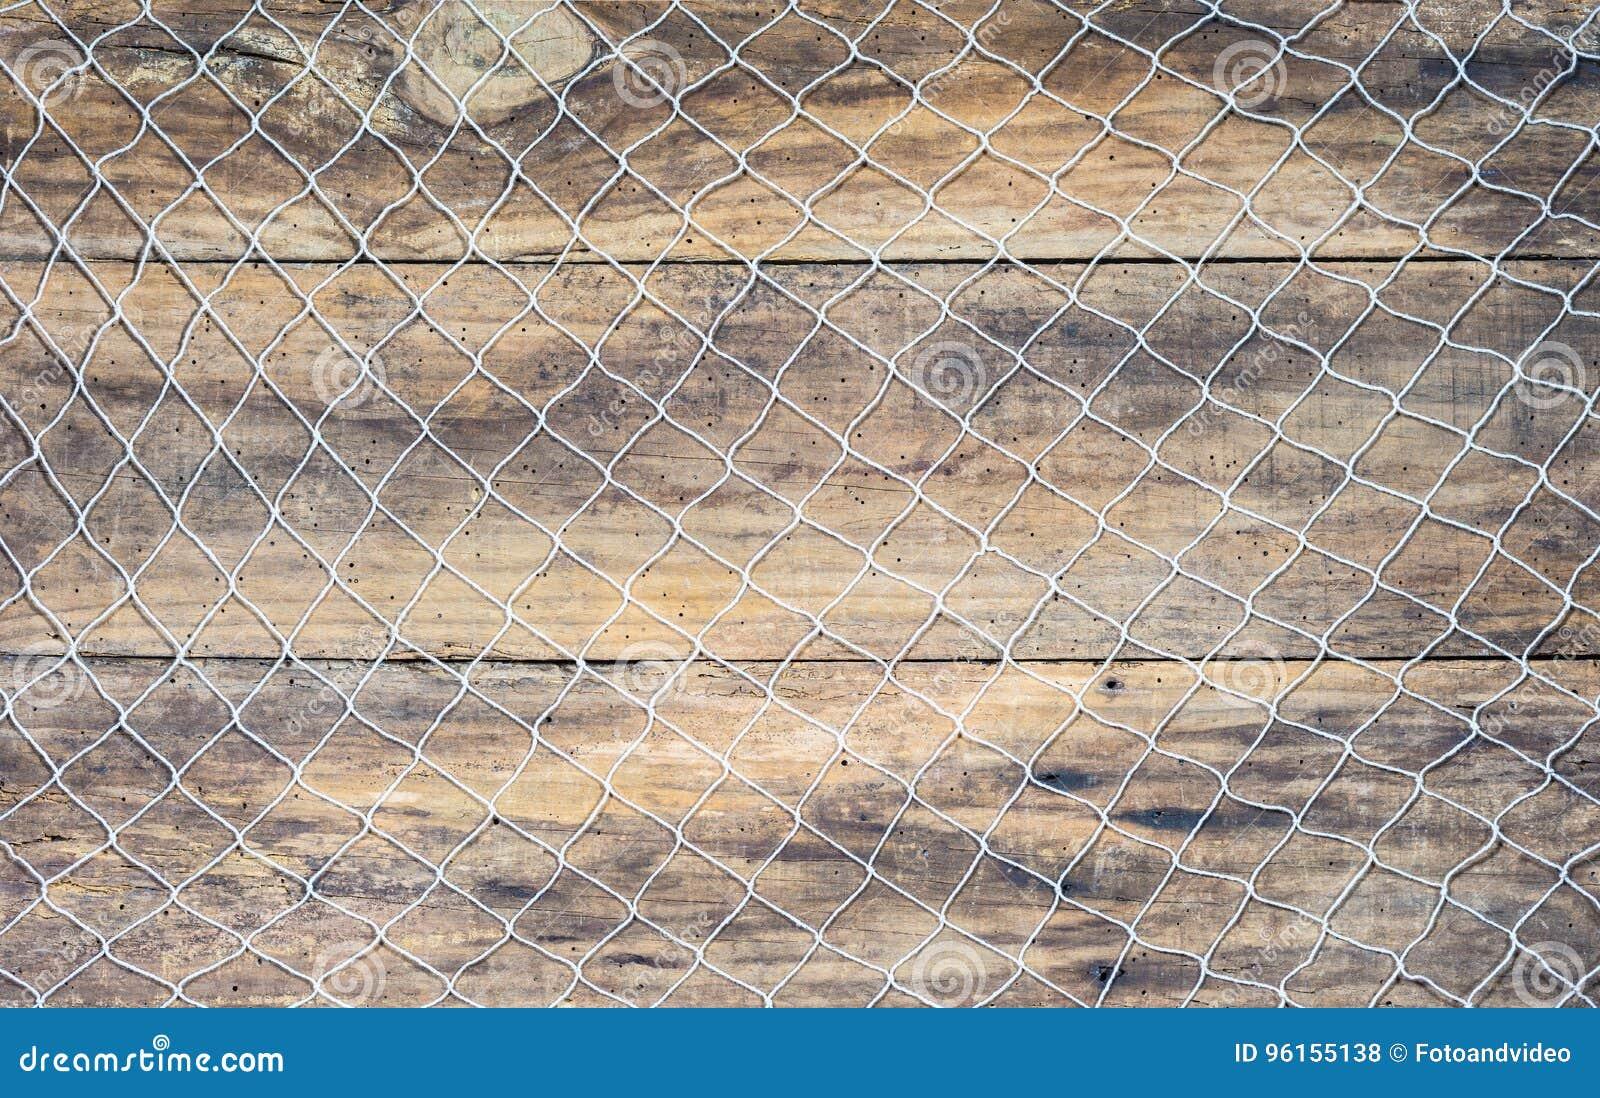 Rede de pesca no fundo de madeira marrom